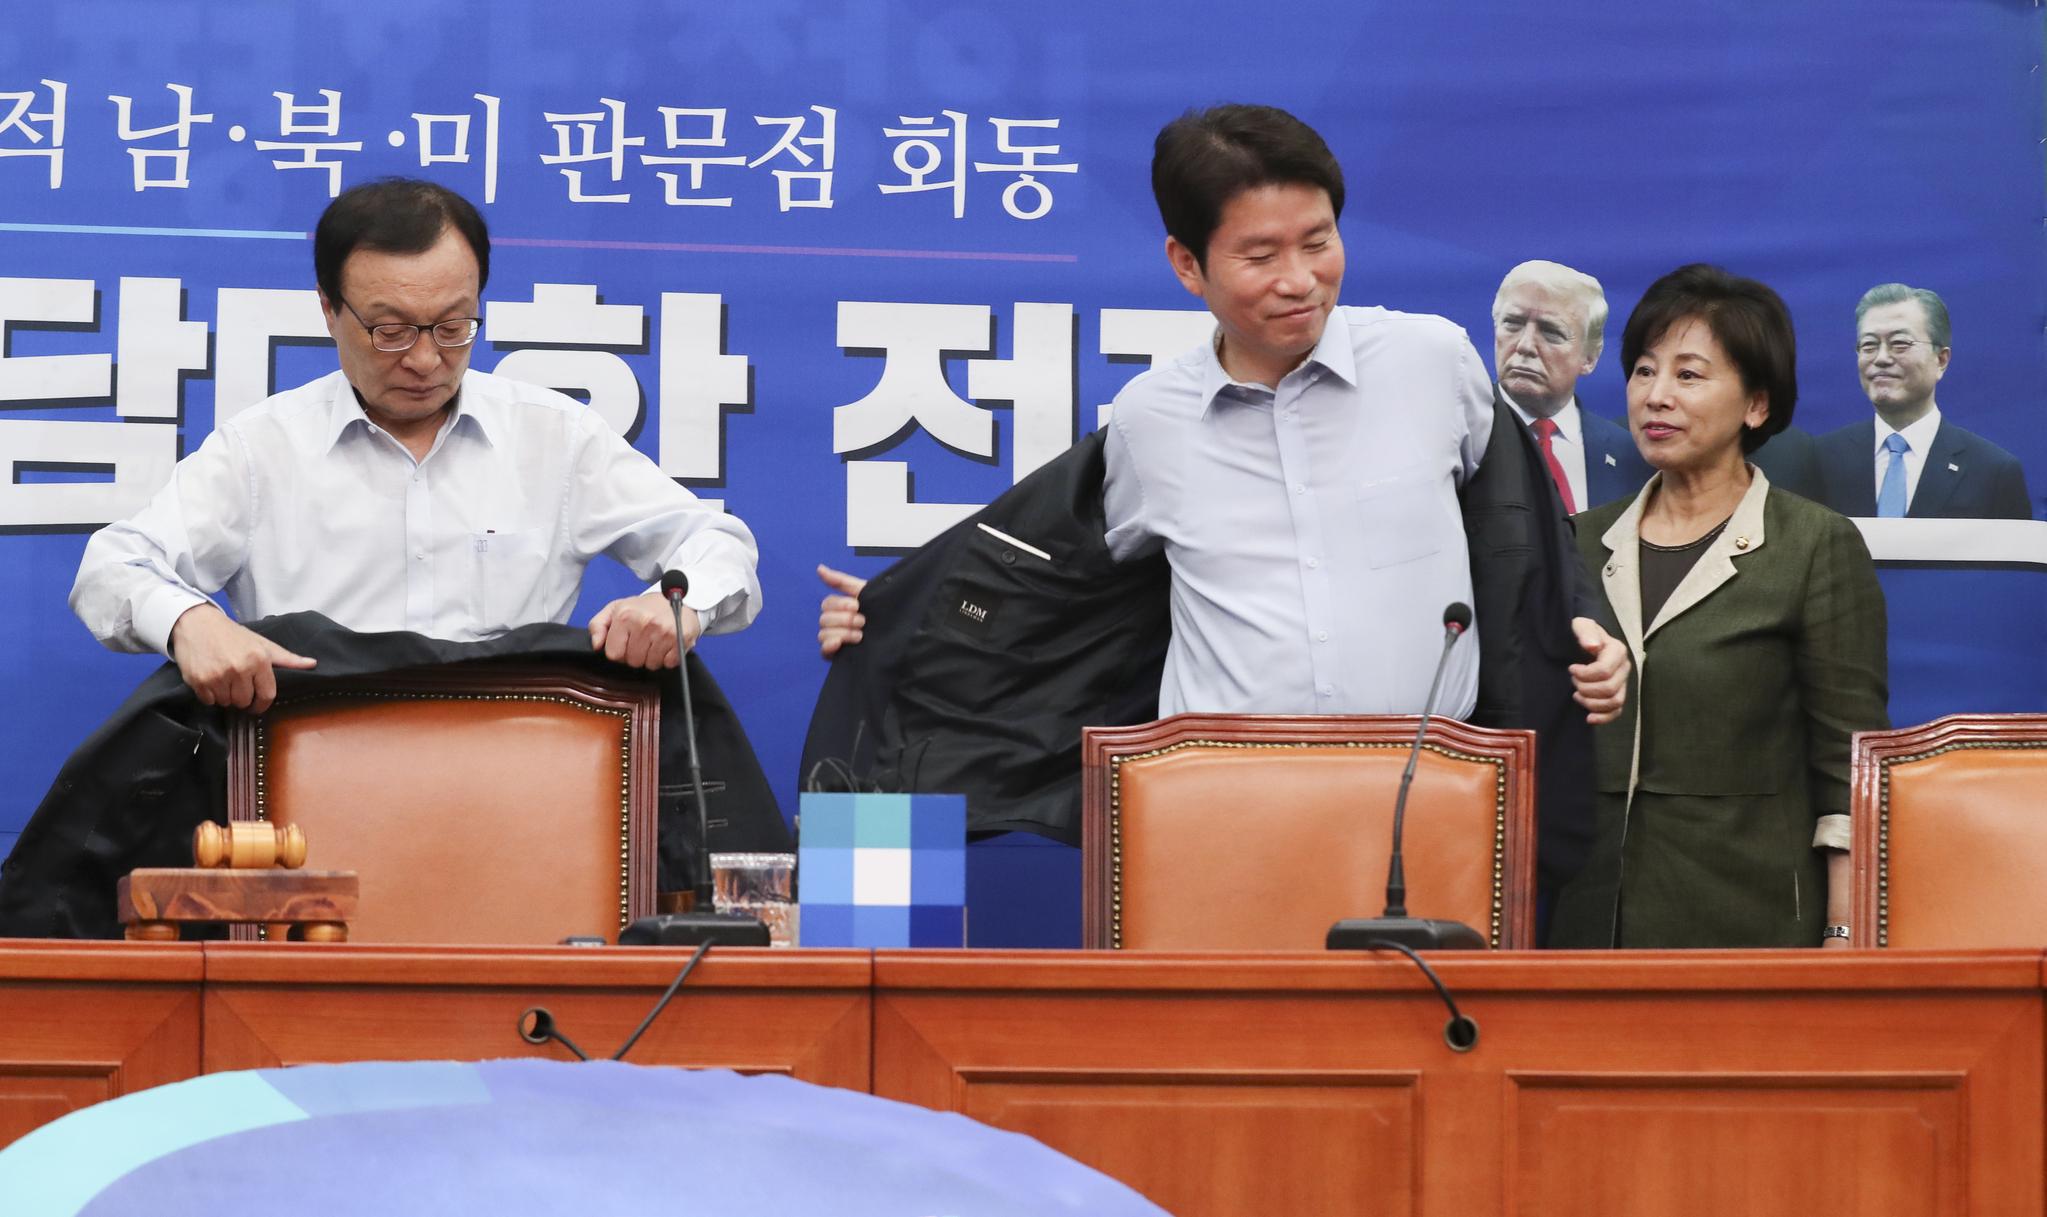 이인영 원내대표(오른쪽)가 1일 국회 최고위원회의에서 이해찬 대표가 웃옷을 벗자 따라서 웃옷을 벗고 있다. 임현동 기자